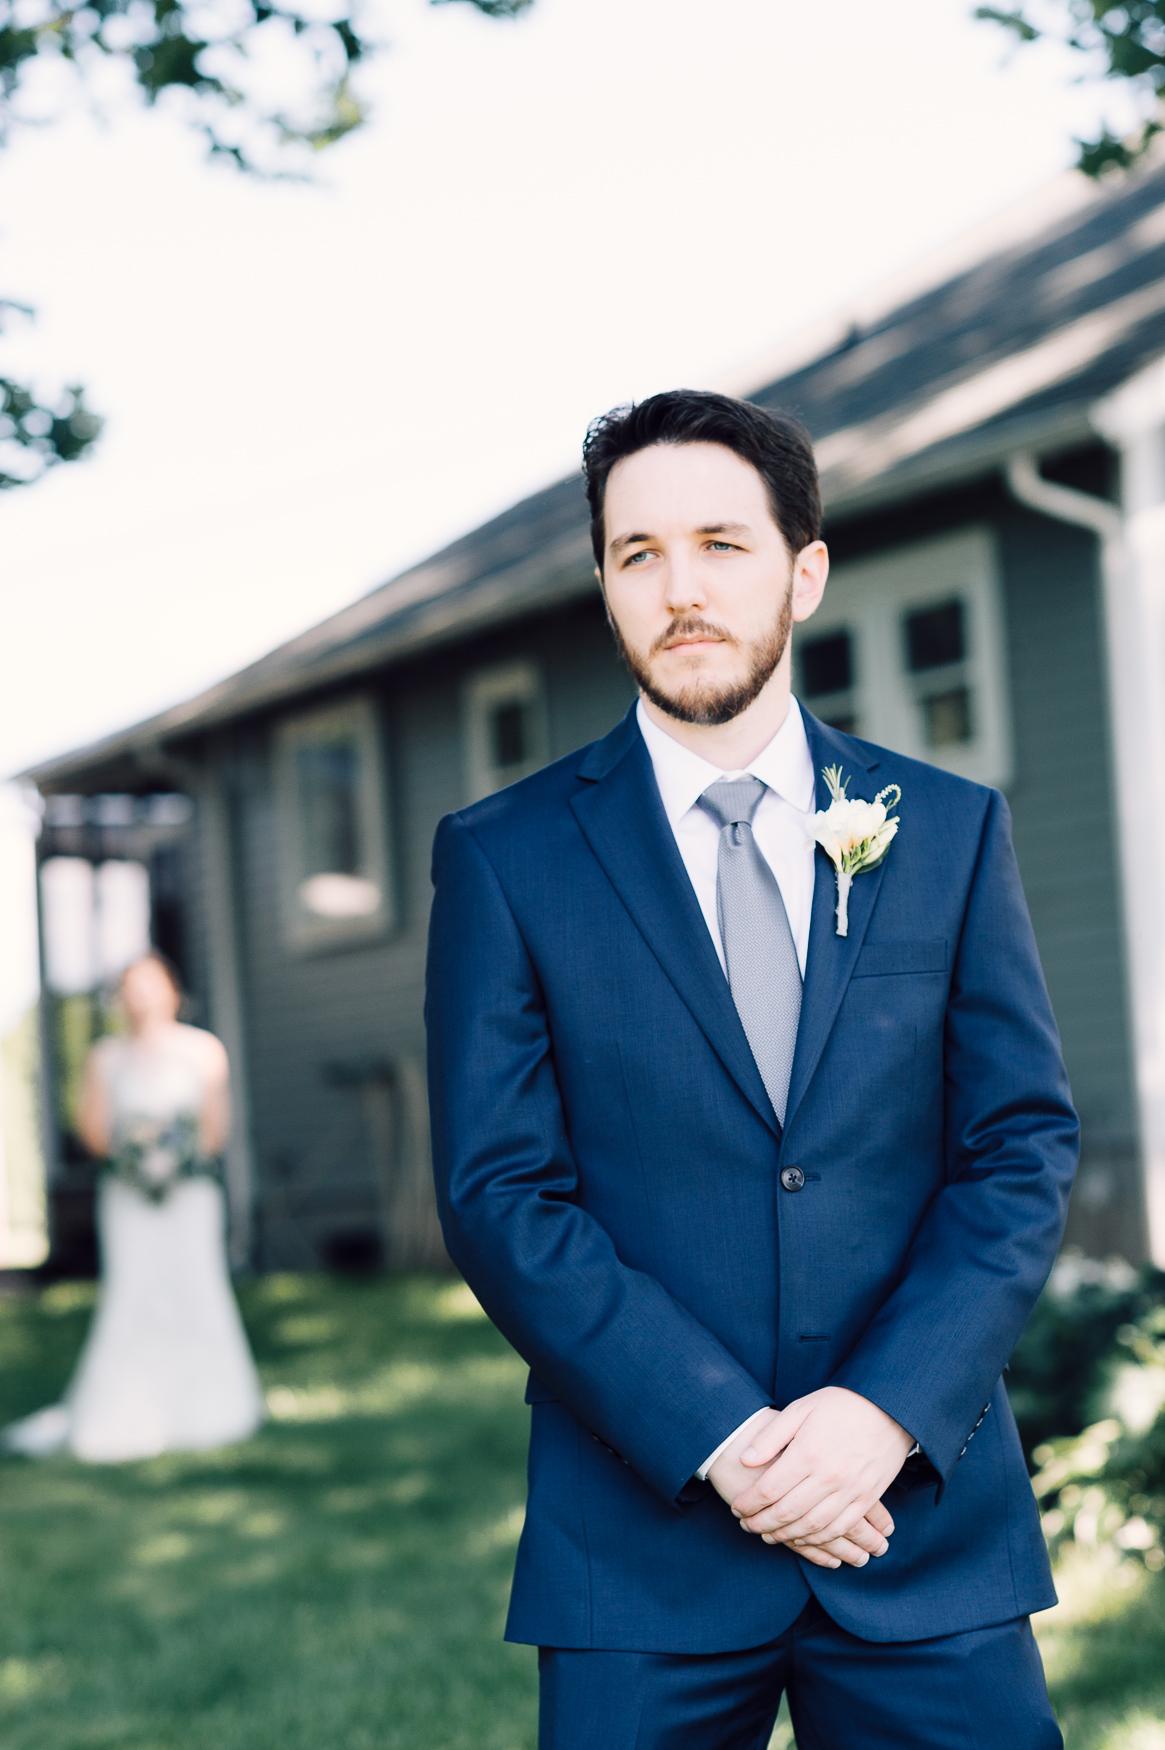 charlottesvillewedding_backyardwedding_virginia_youseephotography_CaitlinDerek (13).jpg